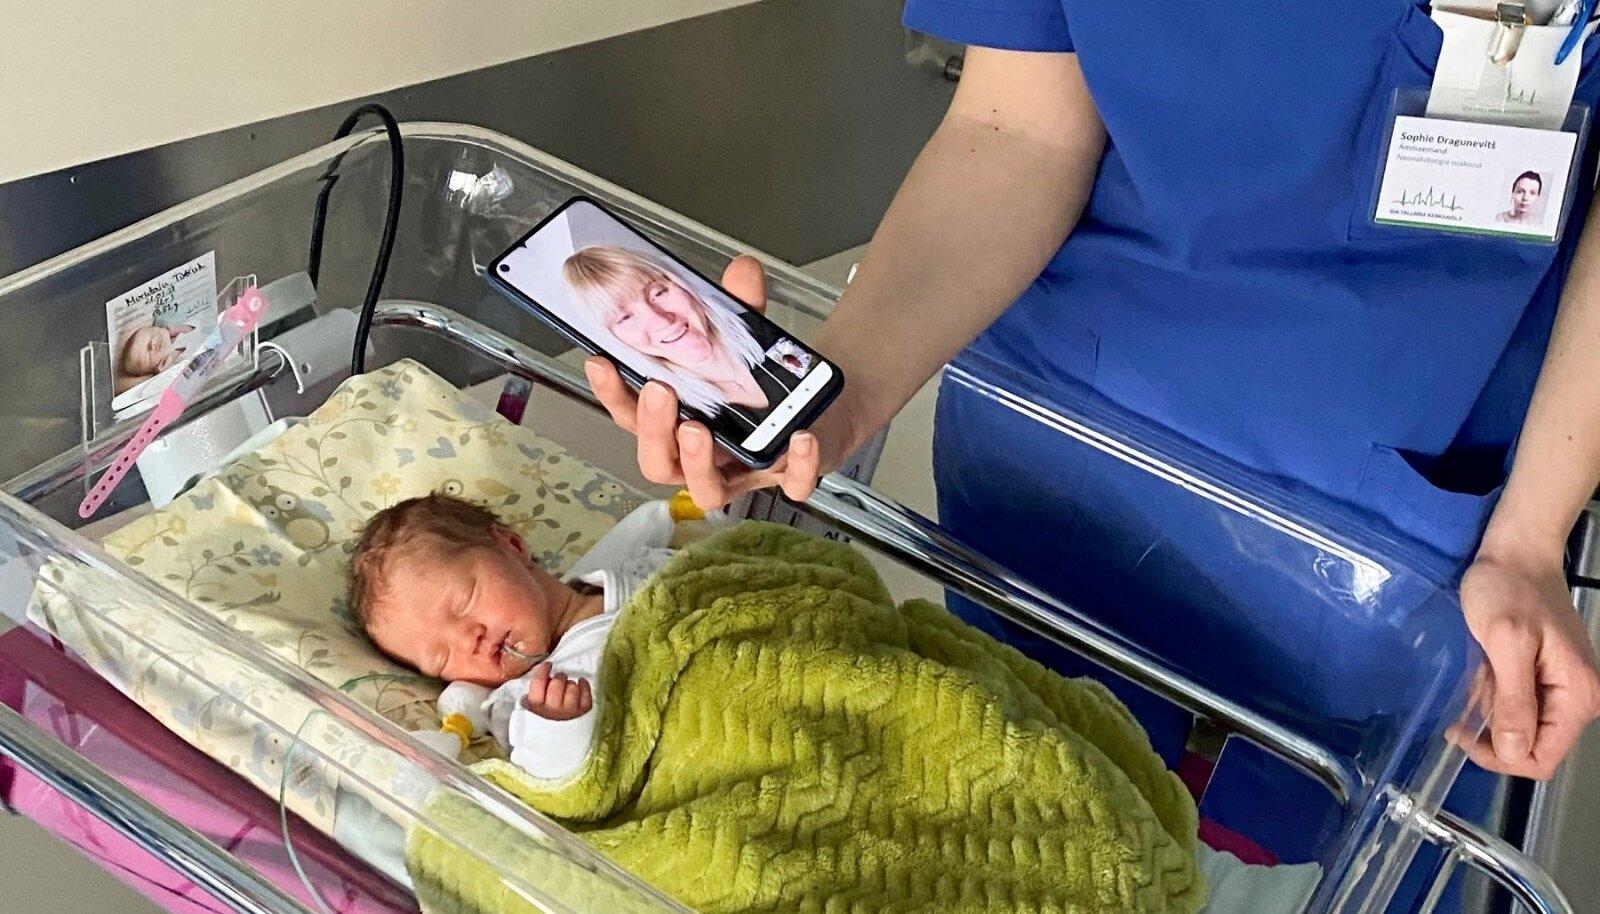 Ema Kristiinale ja isa Jassile pakkusid raskel ajal lohutust videokõned beebiga.